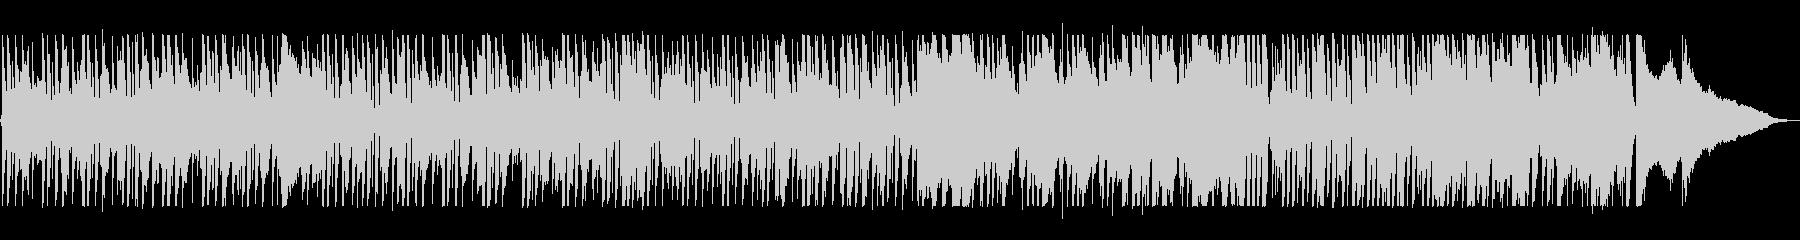 スローテンポのピアノジャズの曲の未再生の波形